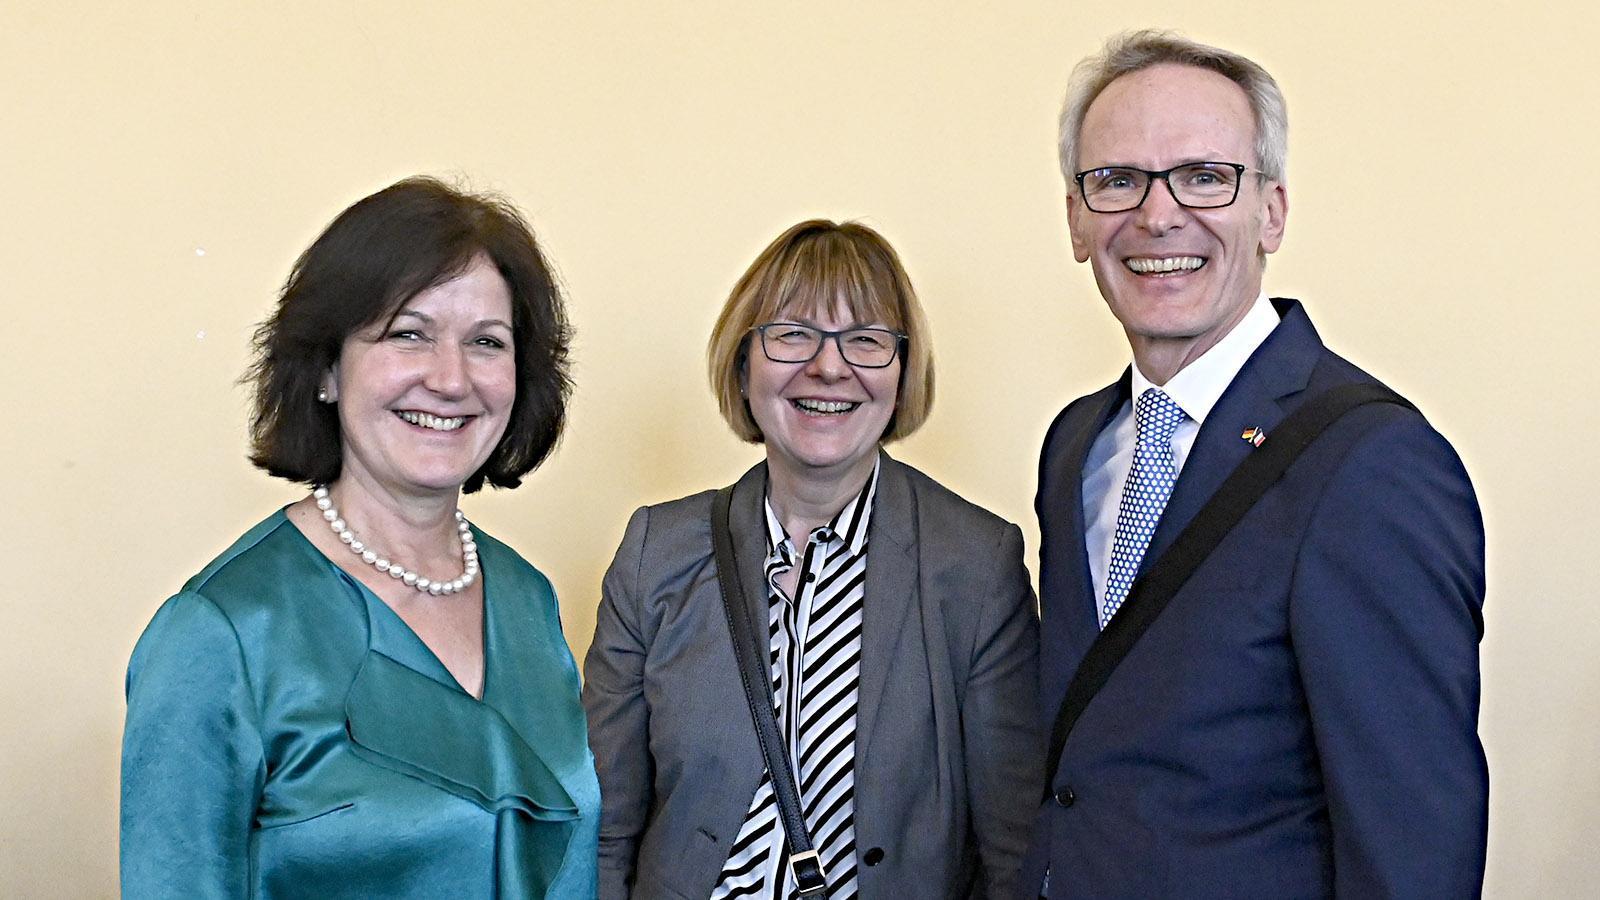 Fête du Citron: die Delegation aus der Partnerstadt Baden-Baden. Mit dabei: Oberbürgermeisterin Margret Mergen (l.) und Lutz Benicke (r.), Vorsitzender des Partnerschaftsvereins. Foto: Hilke Maunder